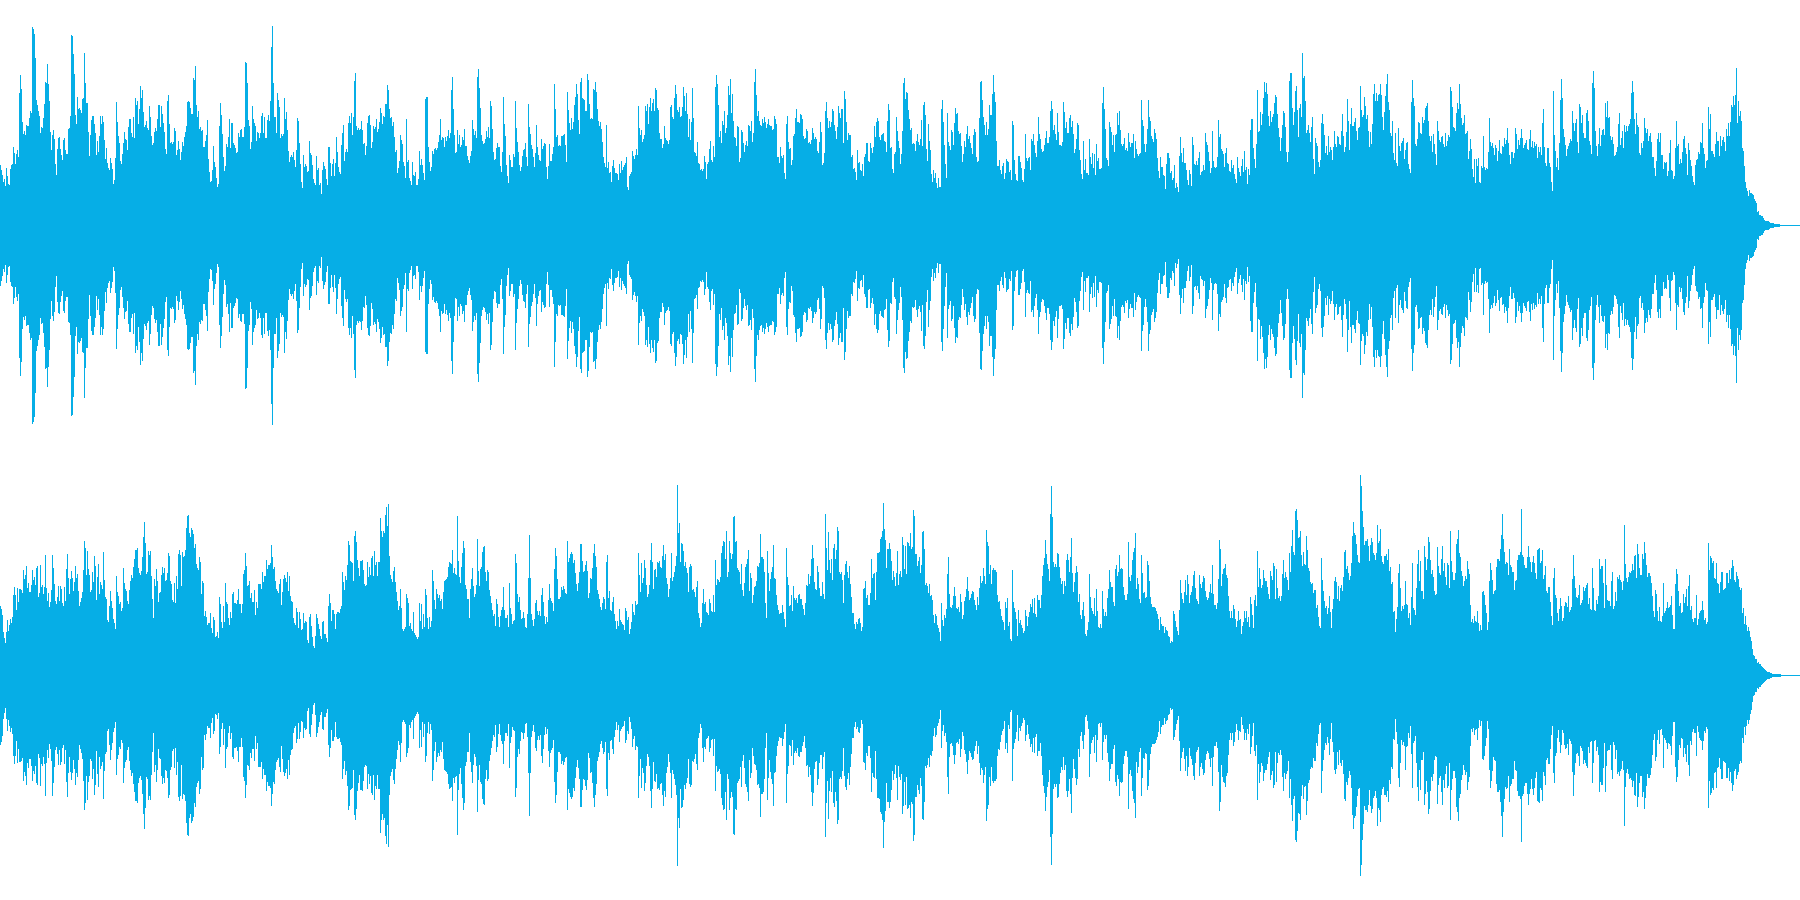 ホラー向け ダークなオーケストラBGMの再生済みの波形